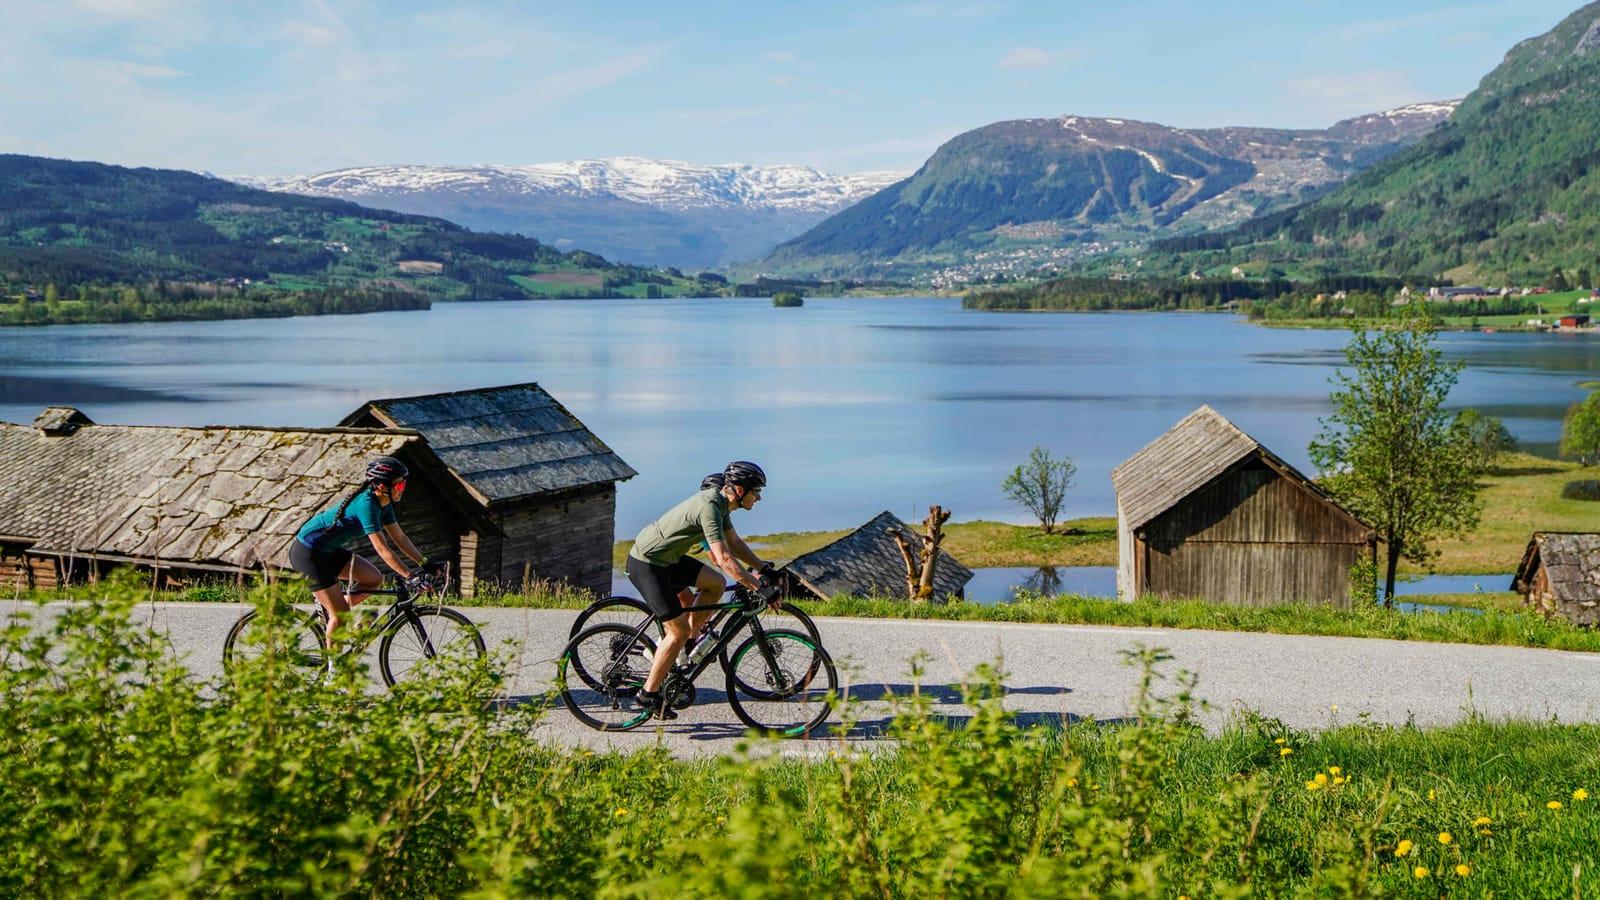 KULTURARV: På sykkelturen fra Voss til Myrkdalen sykler du forbi Nesheimtunet som er på UNESCOs kulturarvliste. Foto: Magnus Roaldset Furset